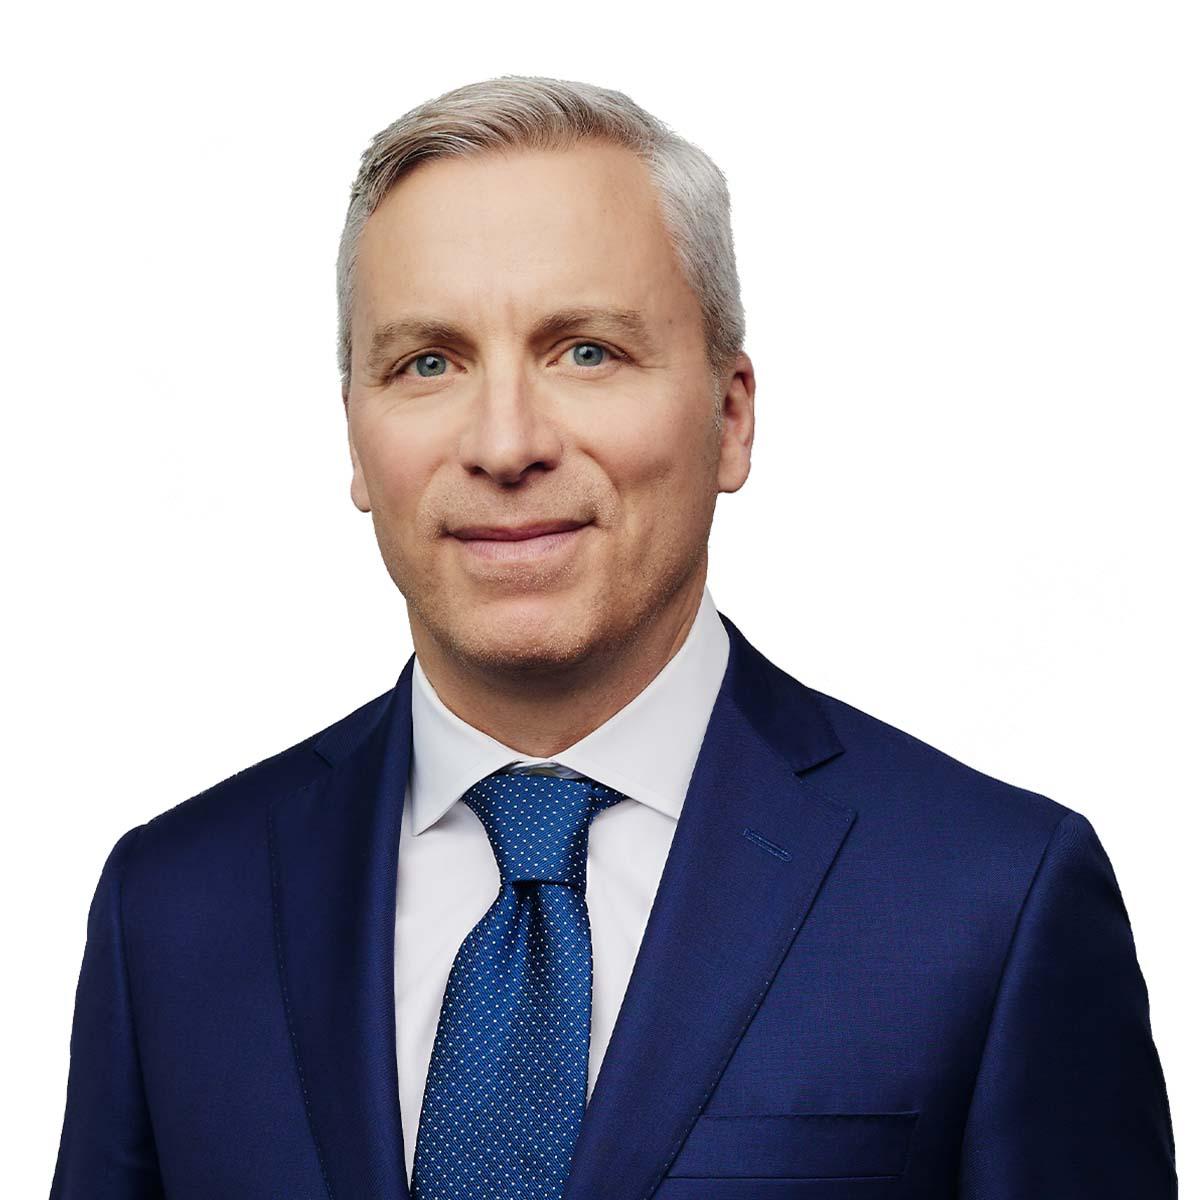 David J. Nadler